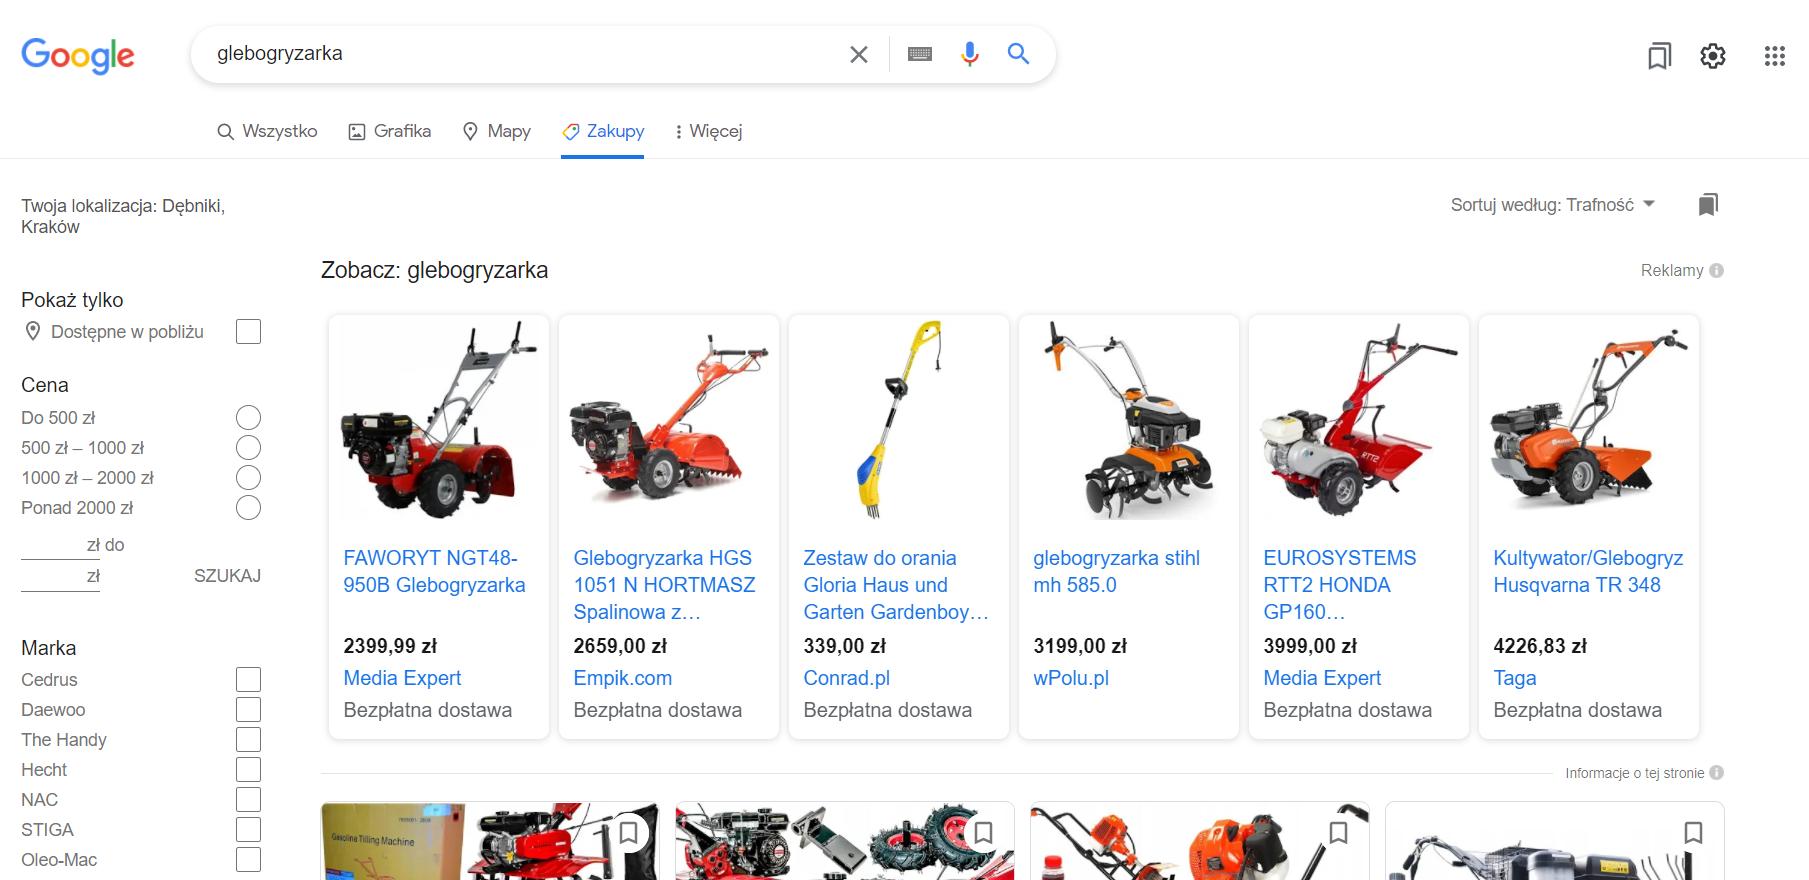 Bezpłatne wyniki wyszukiwania